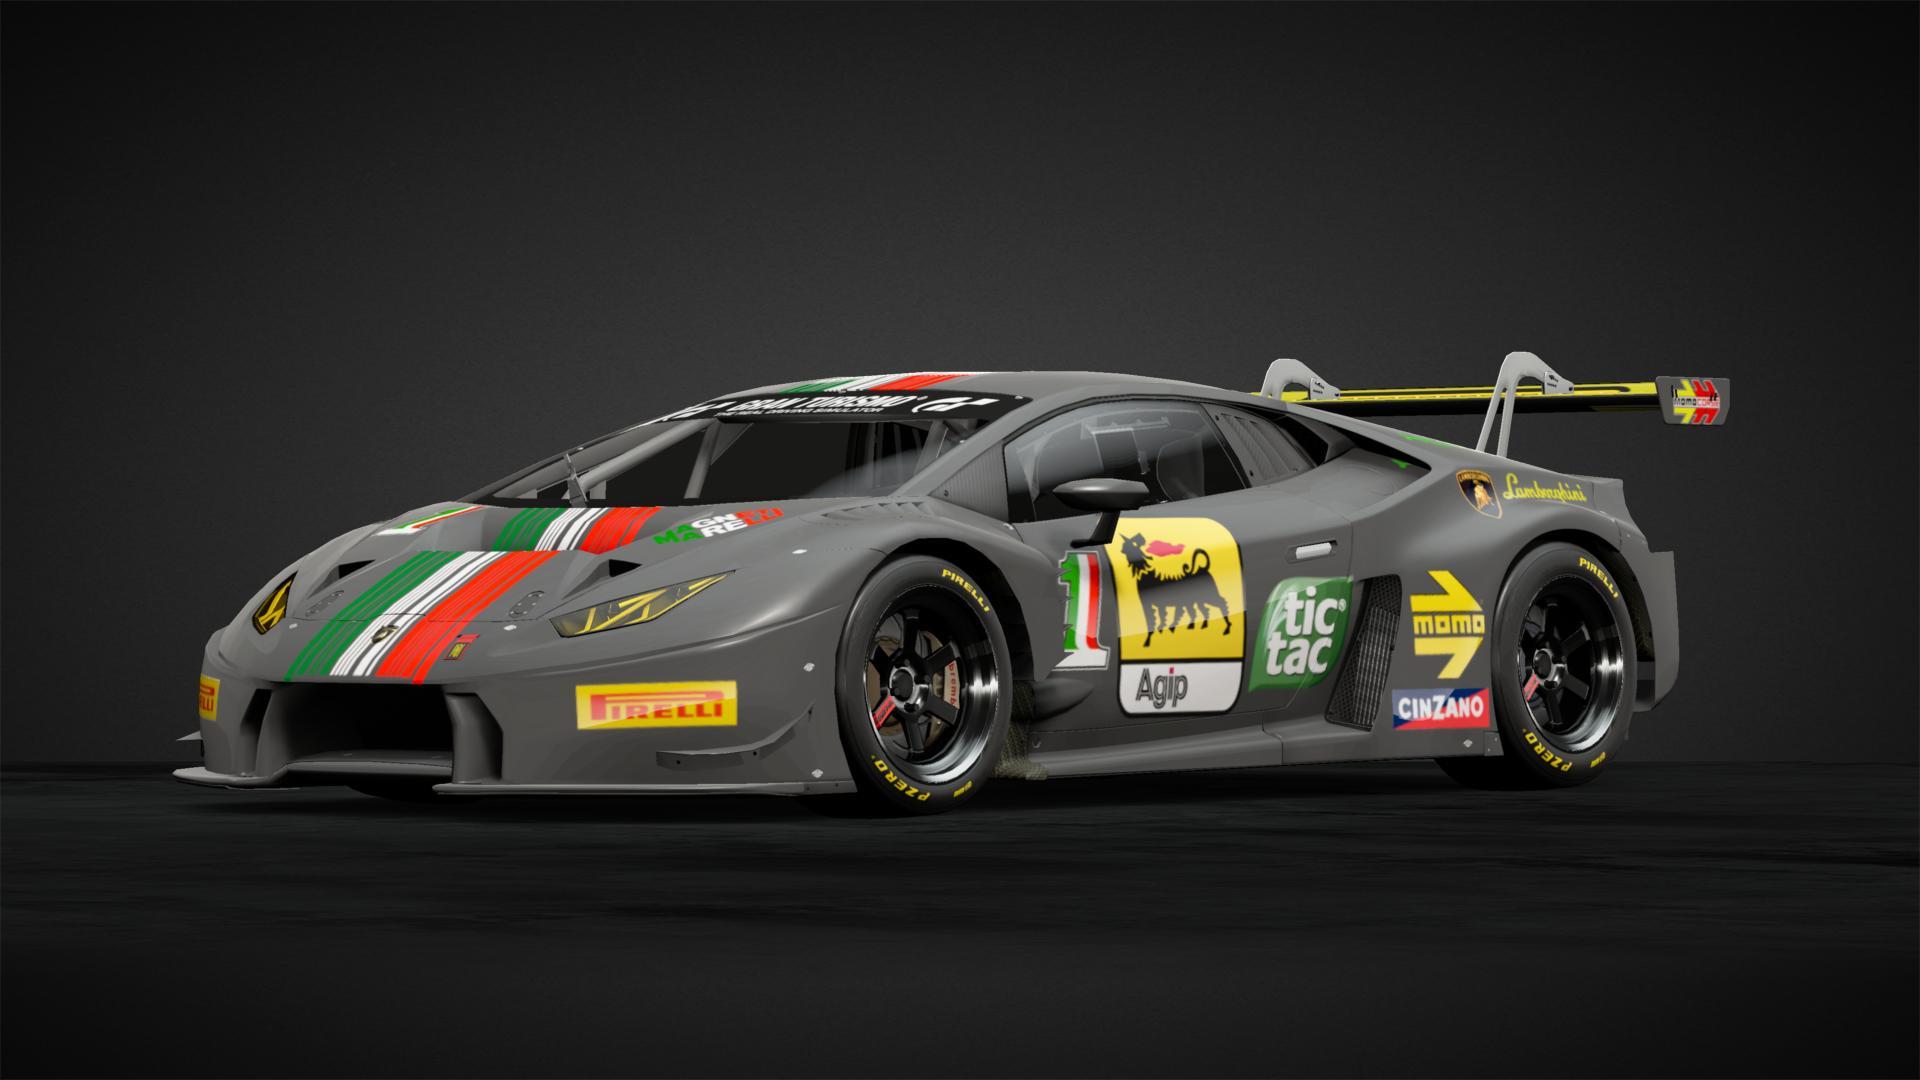 Lamborghini italia racing car livery by fastphil1969 community gran turismo sport